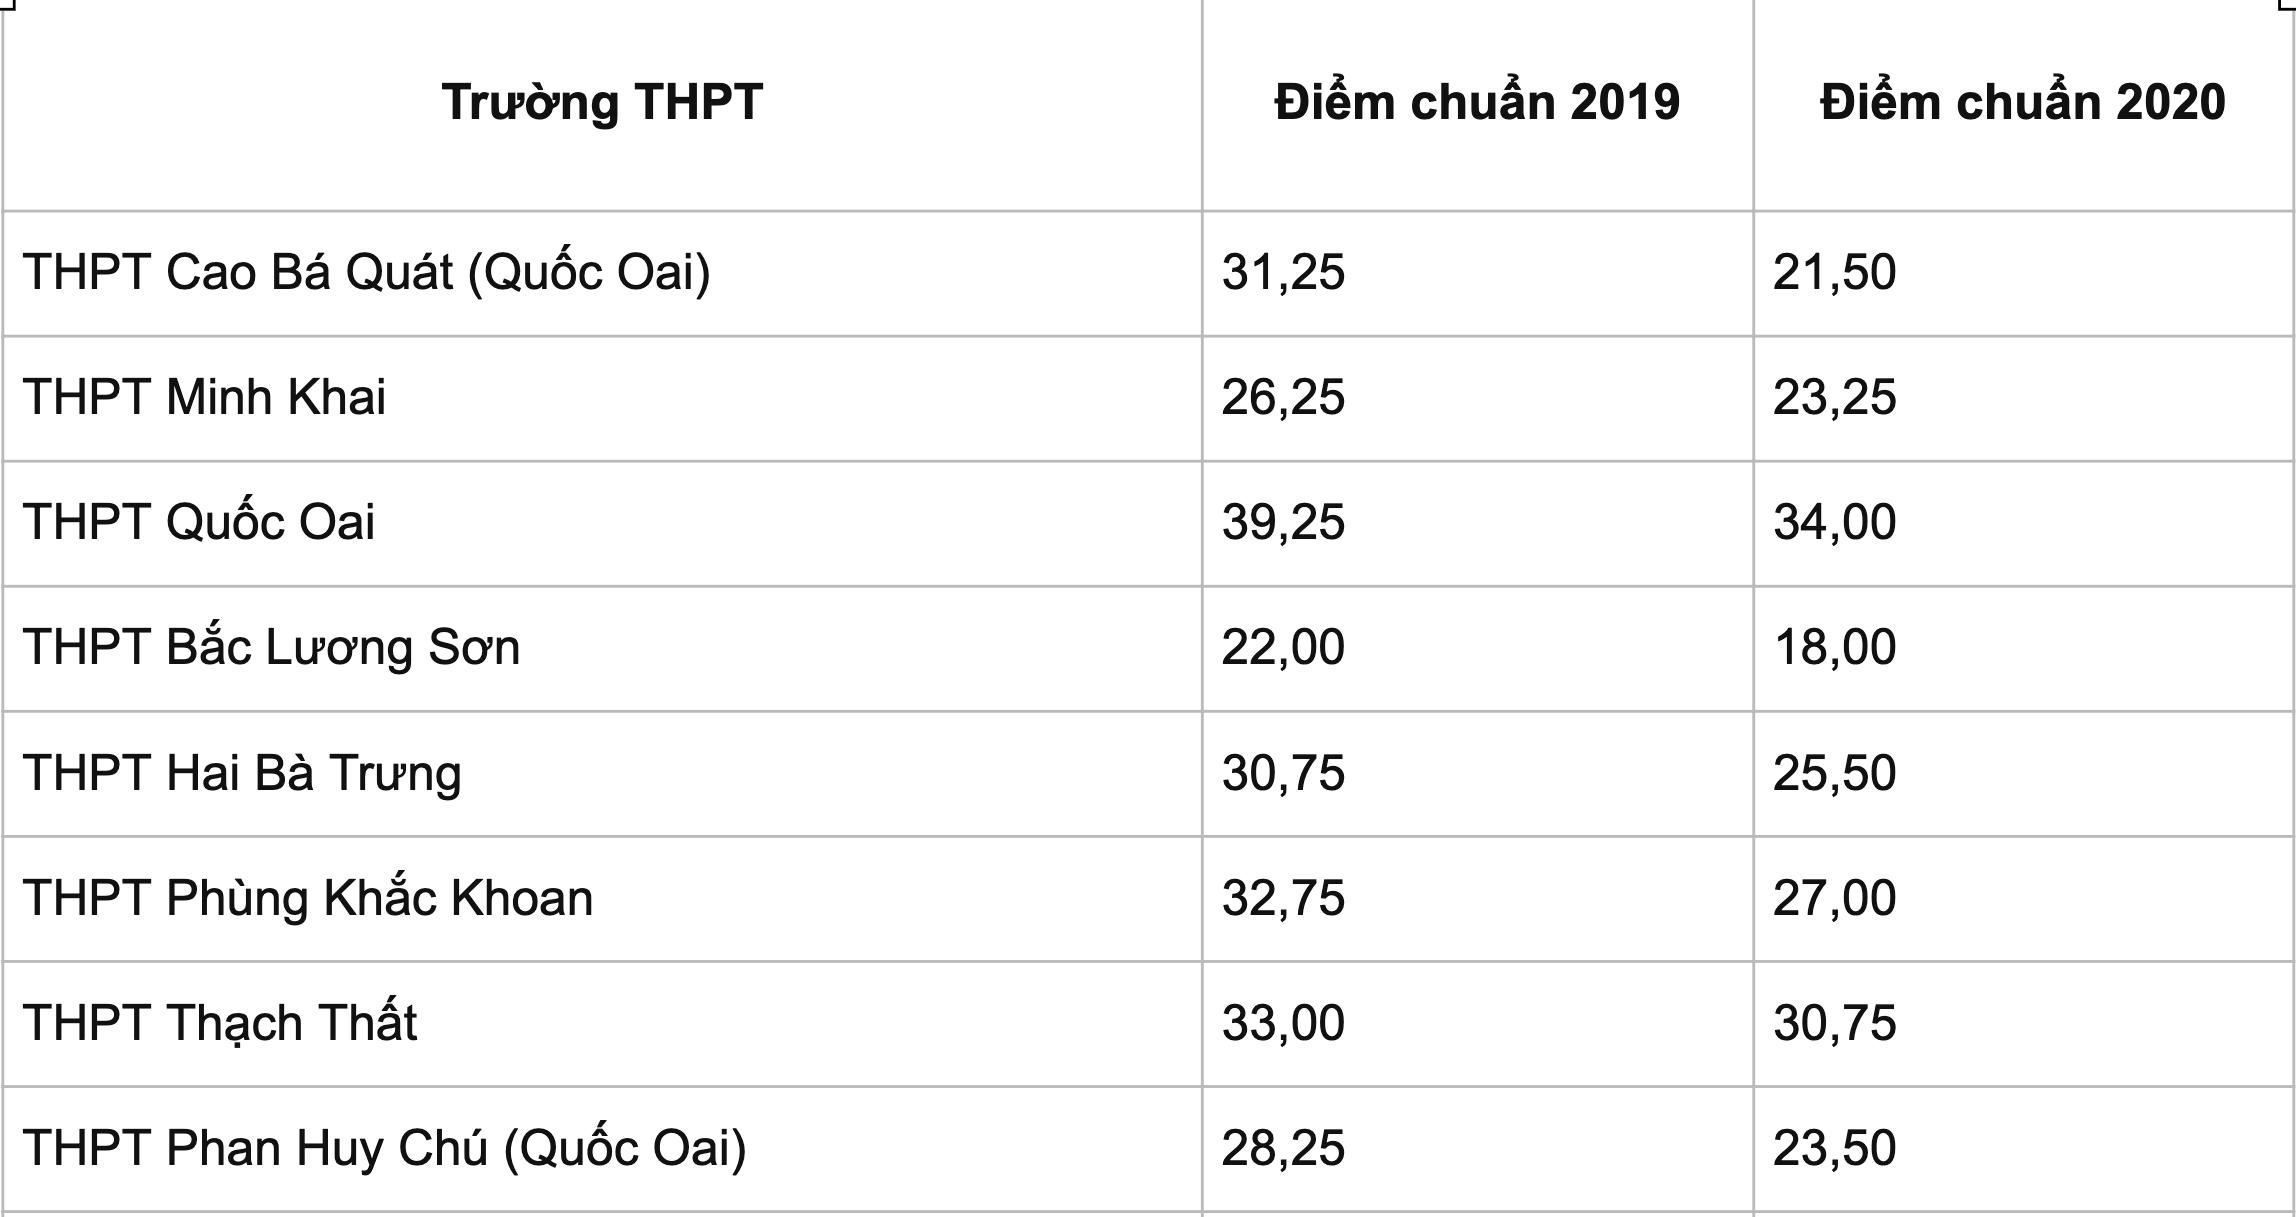 Thi lớp 10 ở Hà Nội: Dự kiến điểm thi, điểm chuẩn đều cao - 11